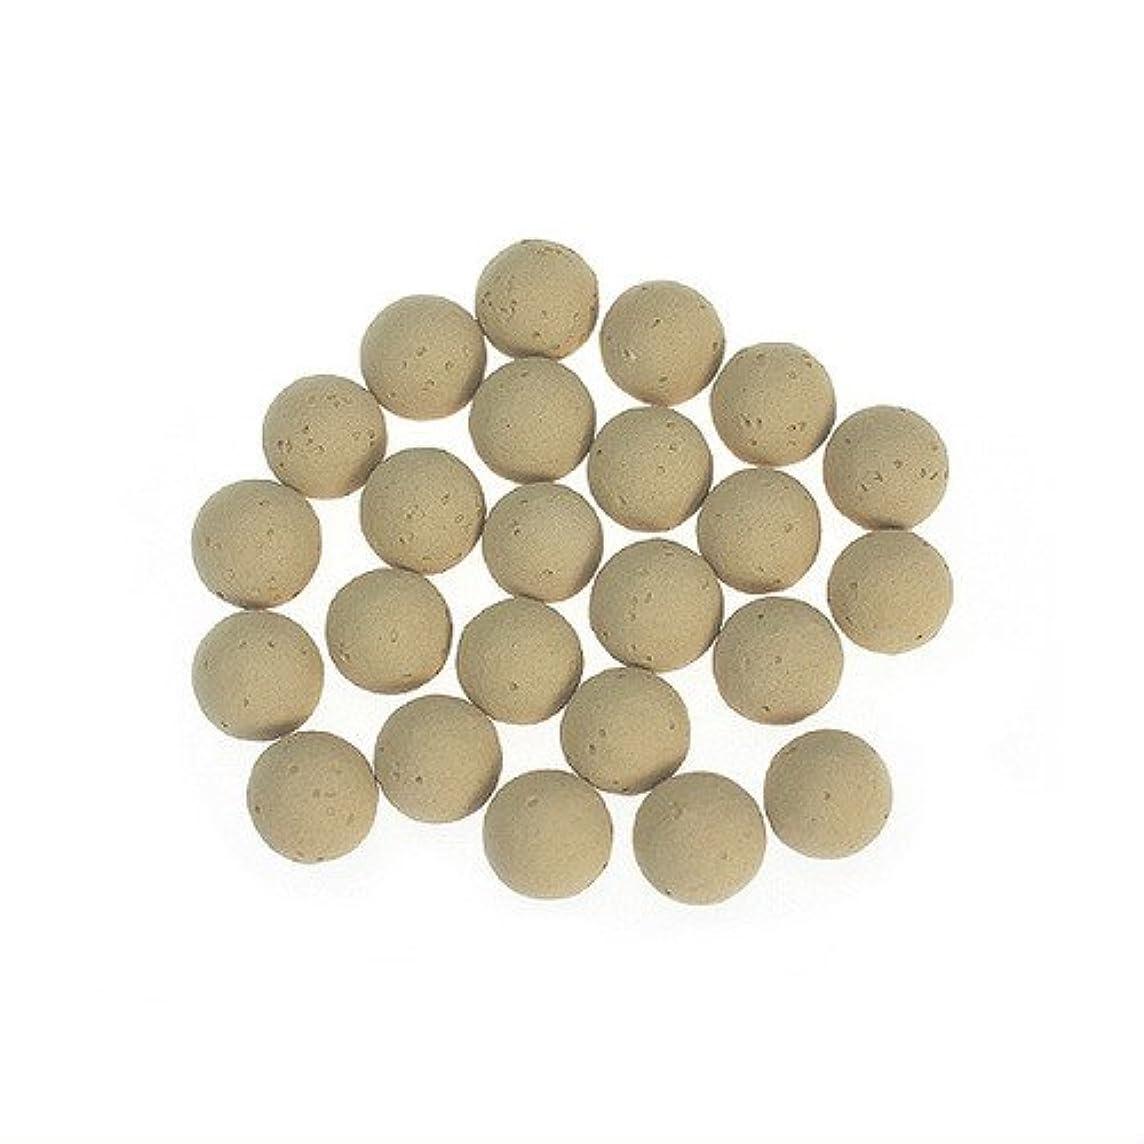 周術期コーチビザころころ香ポット 交換用素焼きボール(24個入)